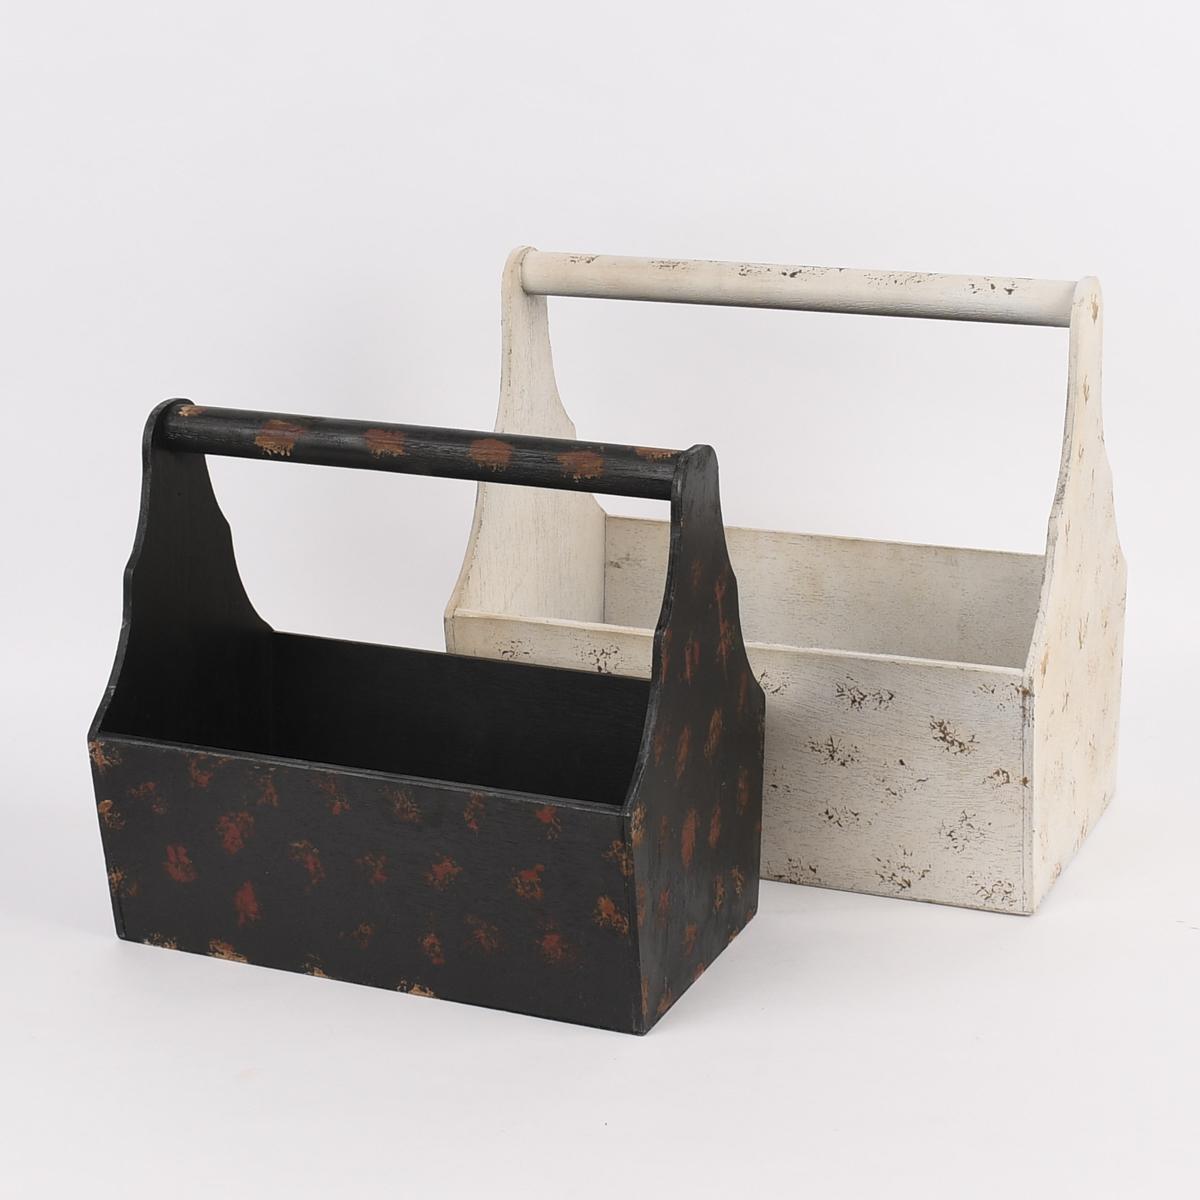 Pflanzenkiste Holz-Tragekiste Vintage schwarz weiß 2er Set